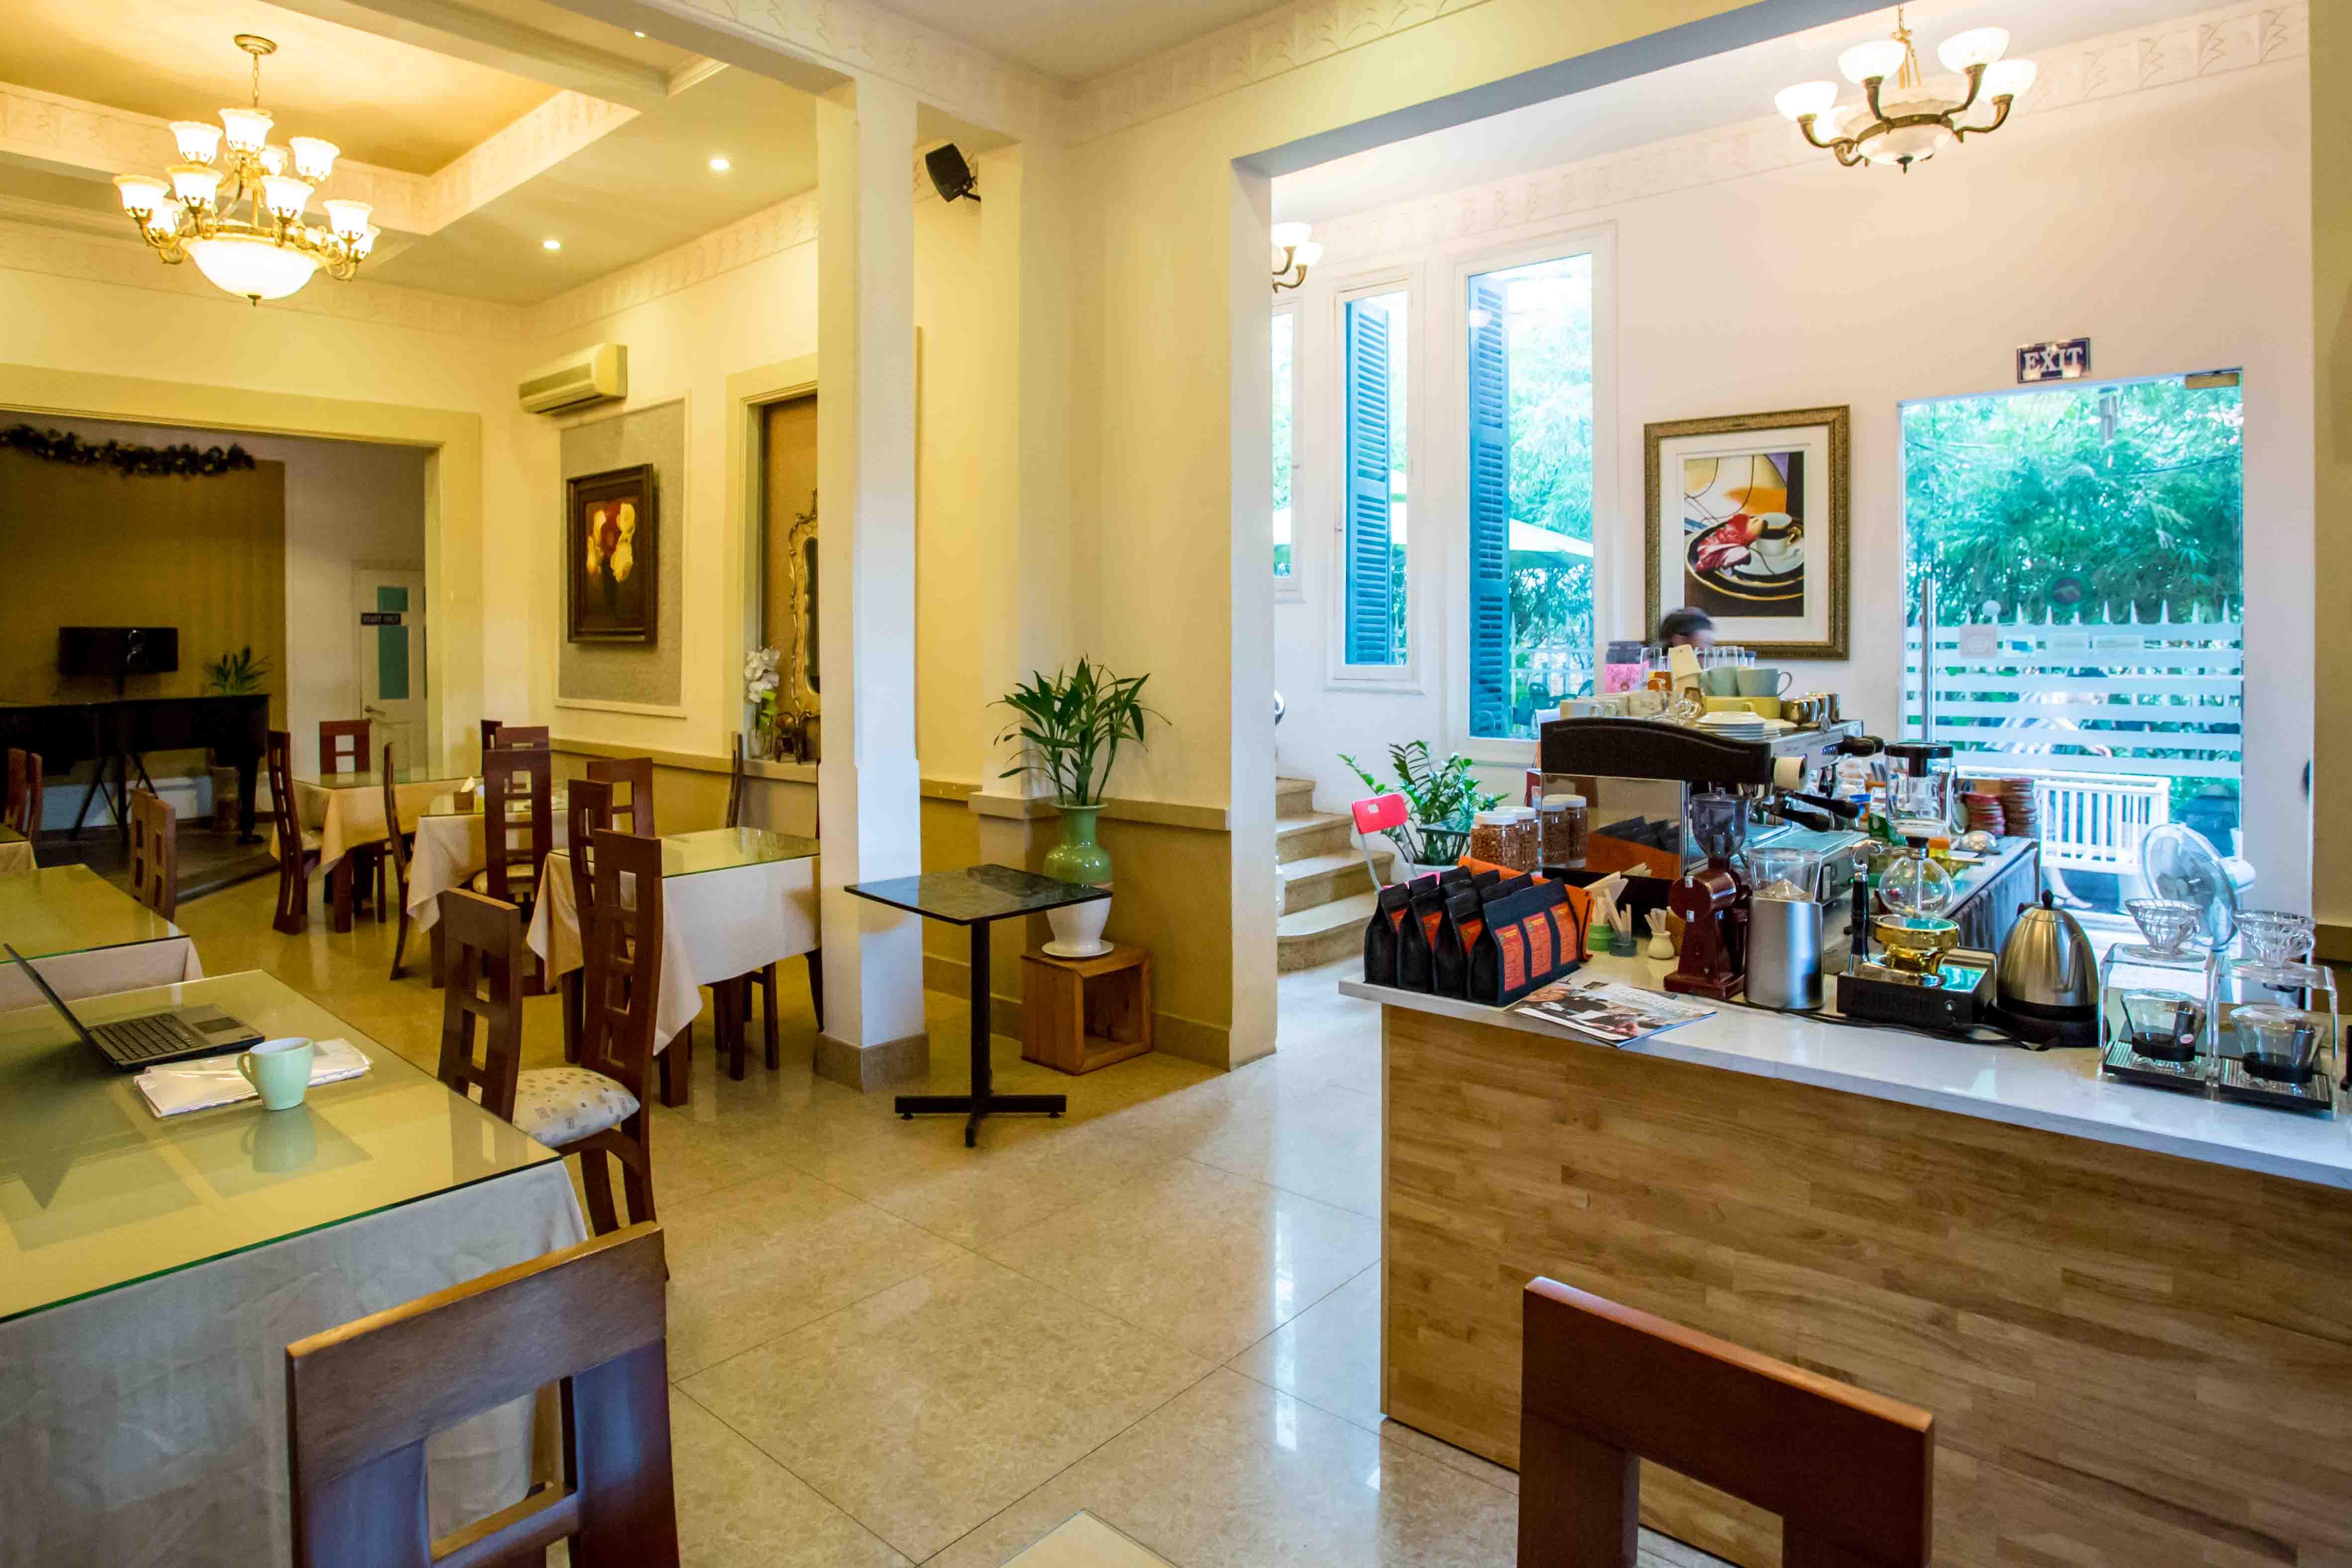 Cafes in Saigon